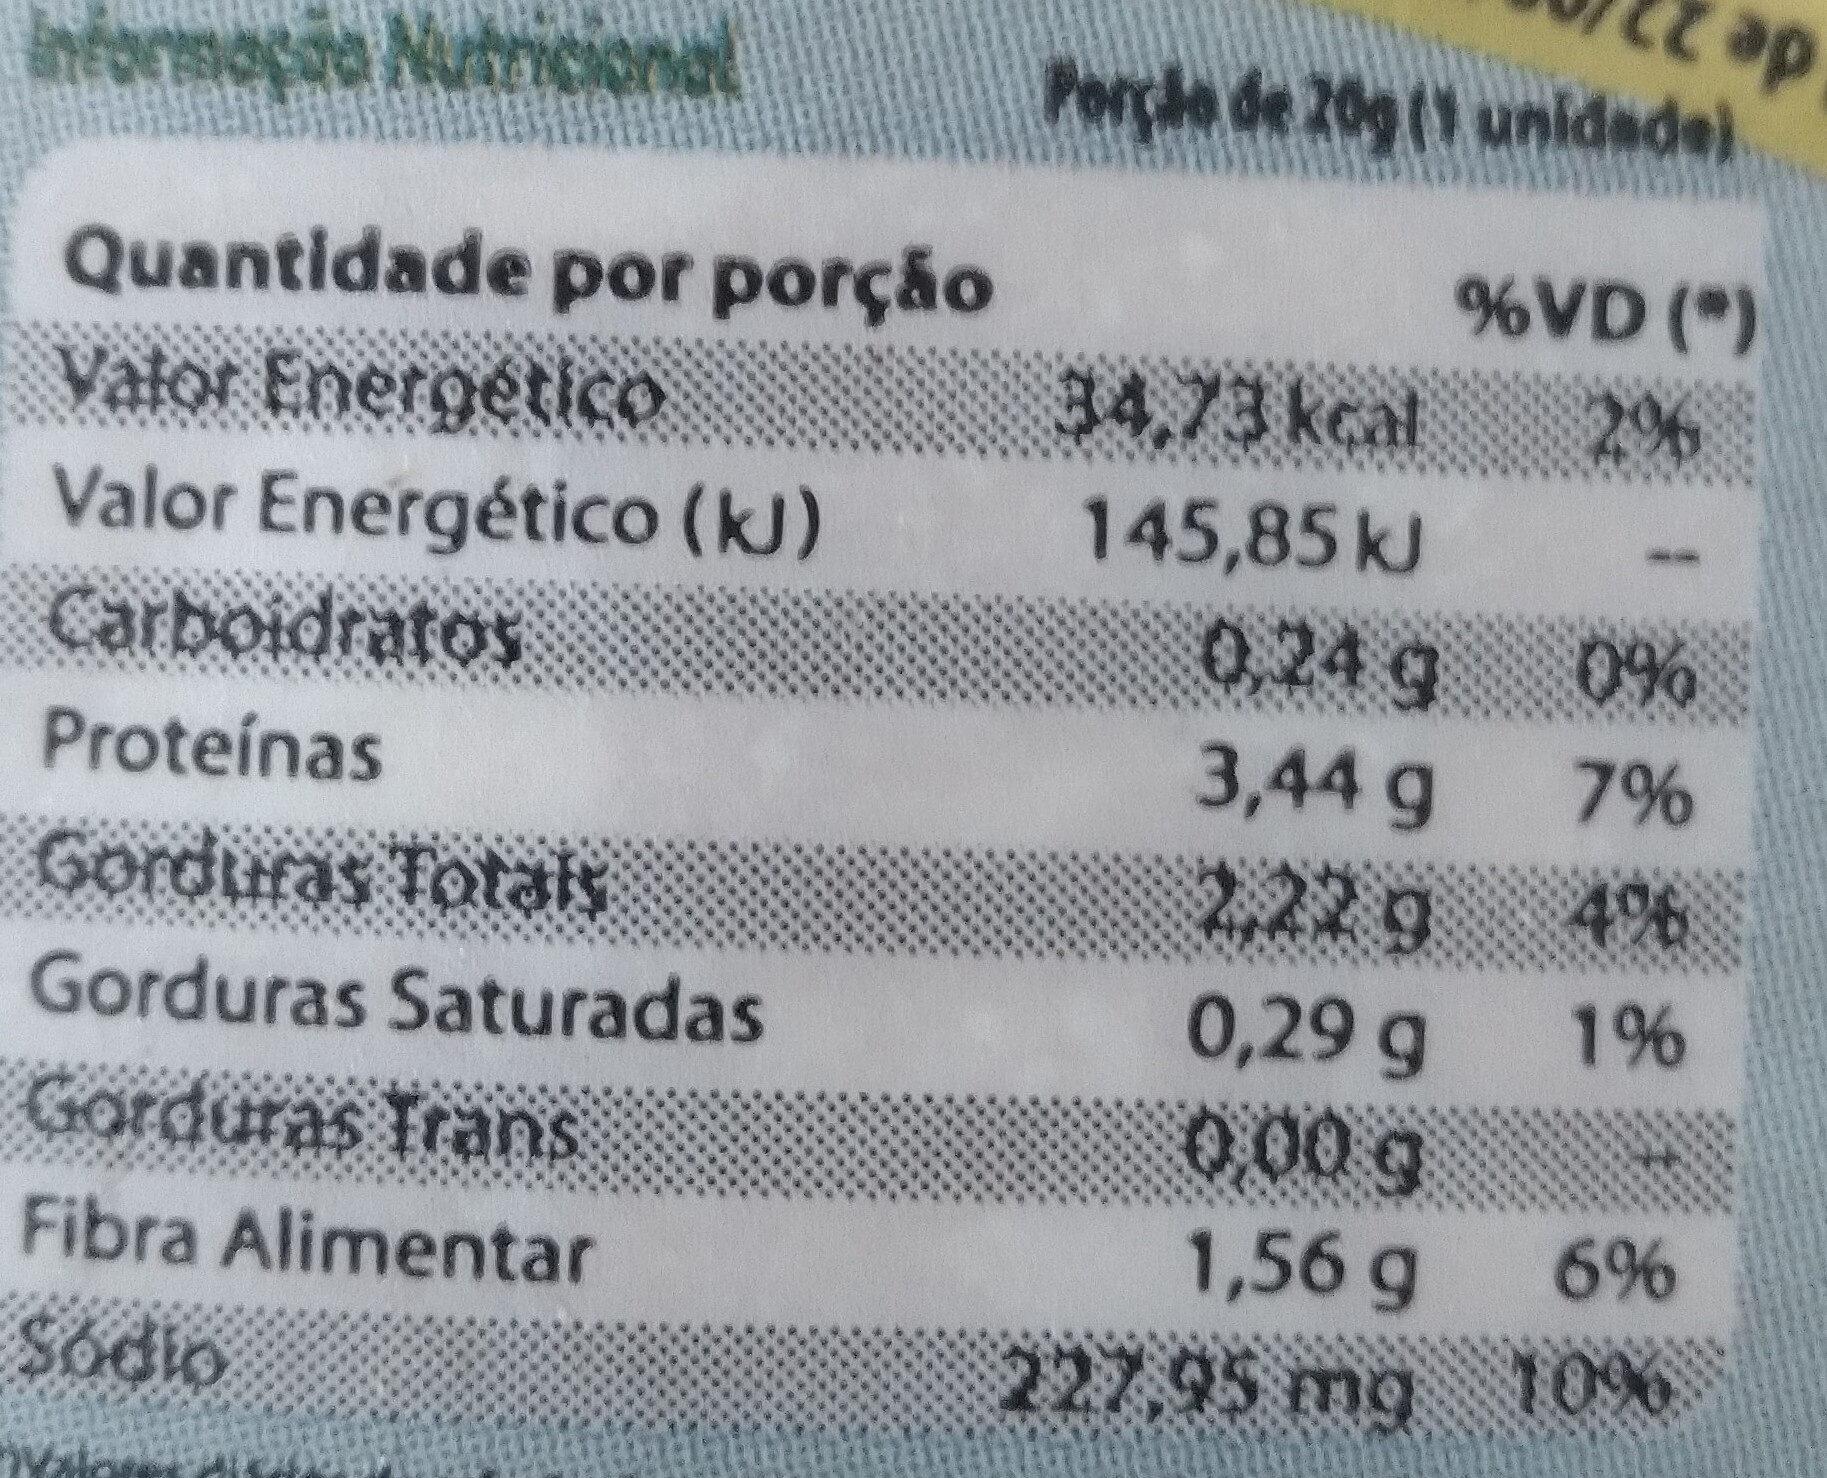 Mortadela de soja fatiada - Informação nutricional - pt